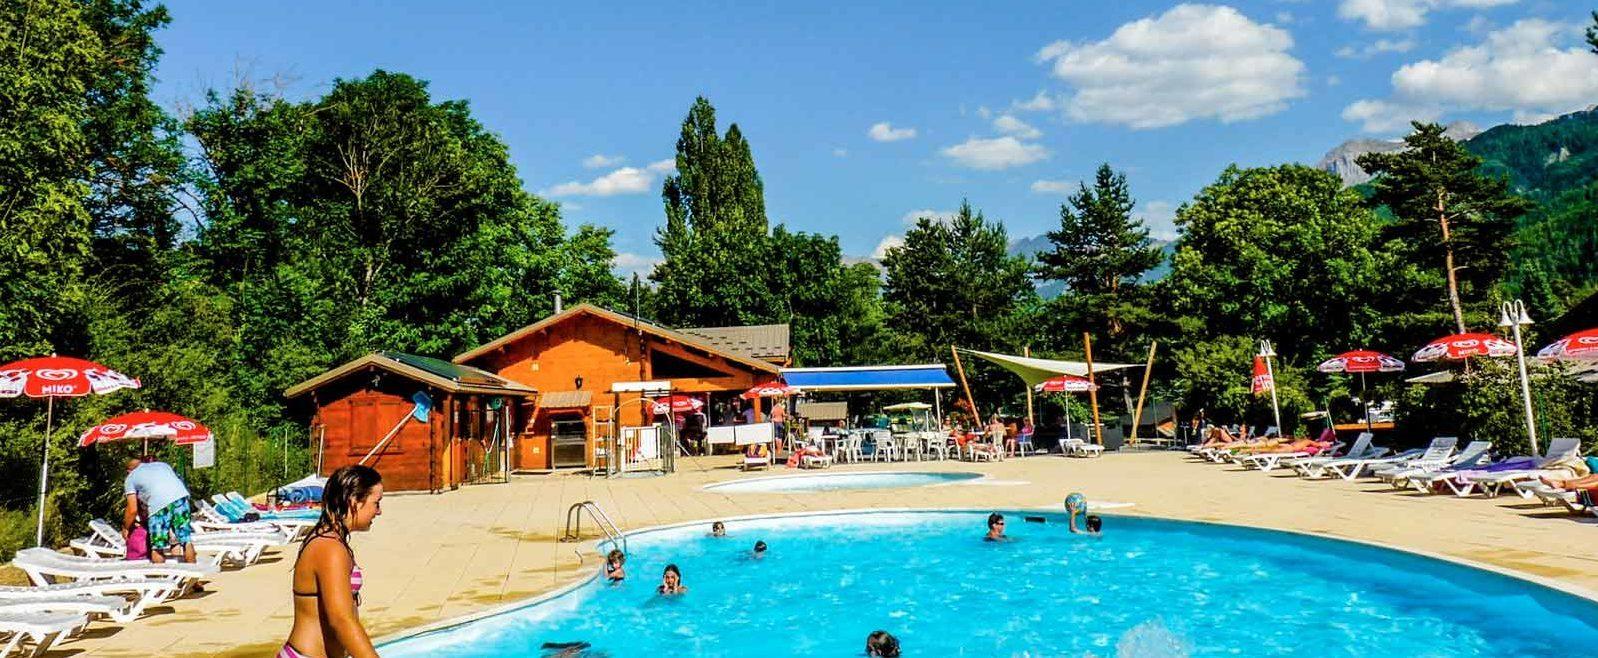 camping alpes sud avec piscine